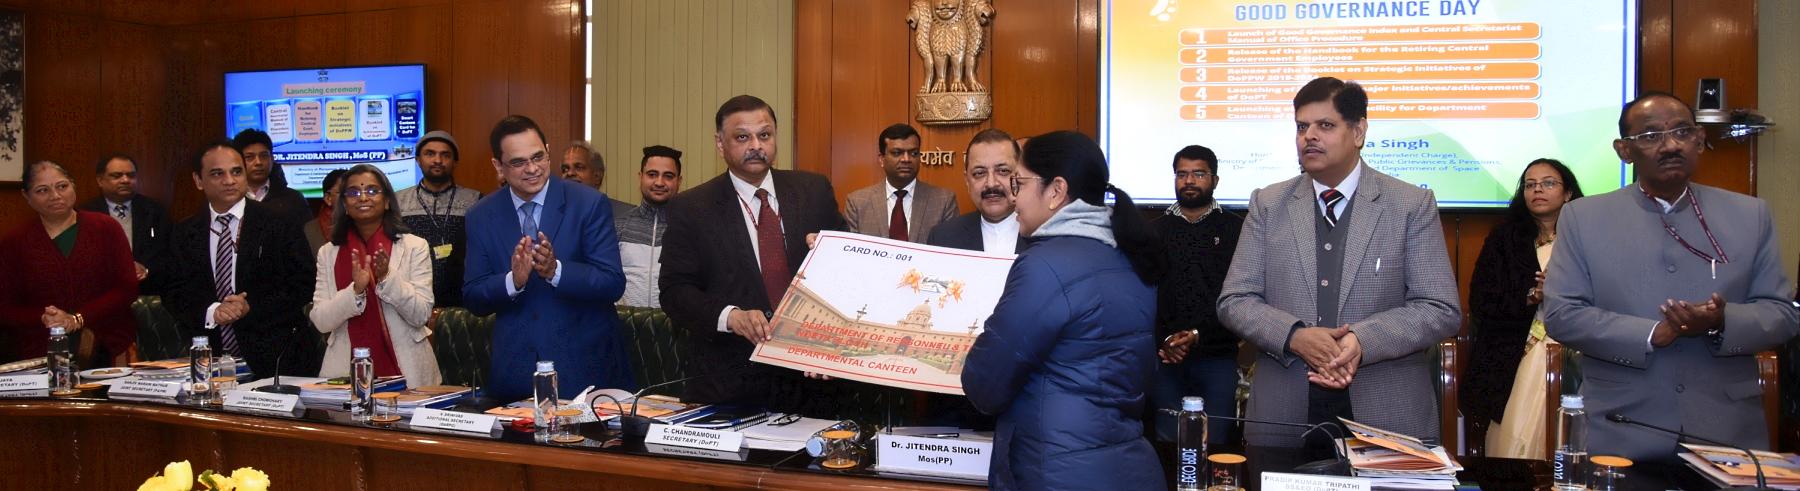 माननीय कार्मिक राज्य मंत्री, डा. जितेंद्र सिंहजी के द्वारा दिनांक 25 दिसंबर 2019 को सुशासन दिवस के अवसर पर विभागीय कैंटीन हेतु प्रीपेड स्मार्ट कार्ड लान्च किया गया